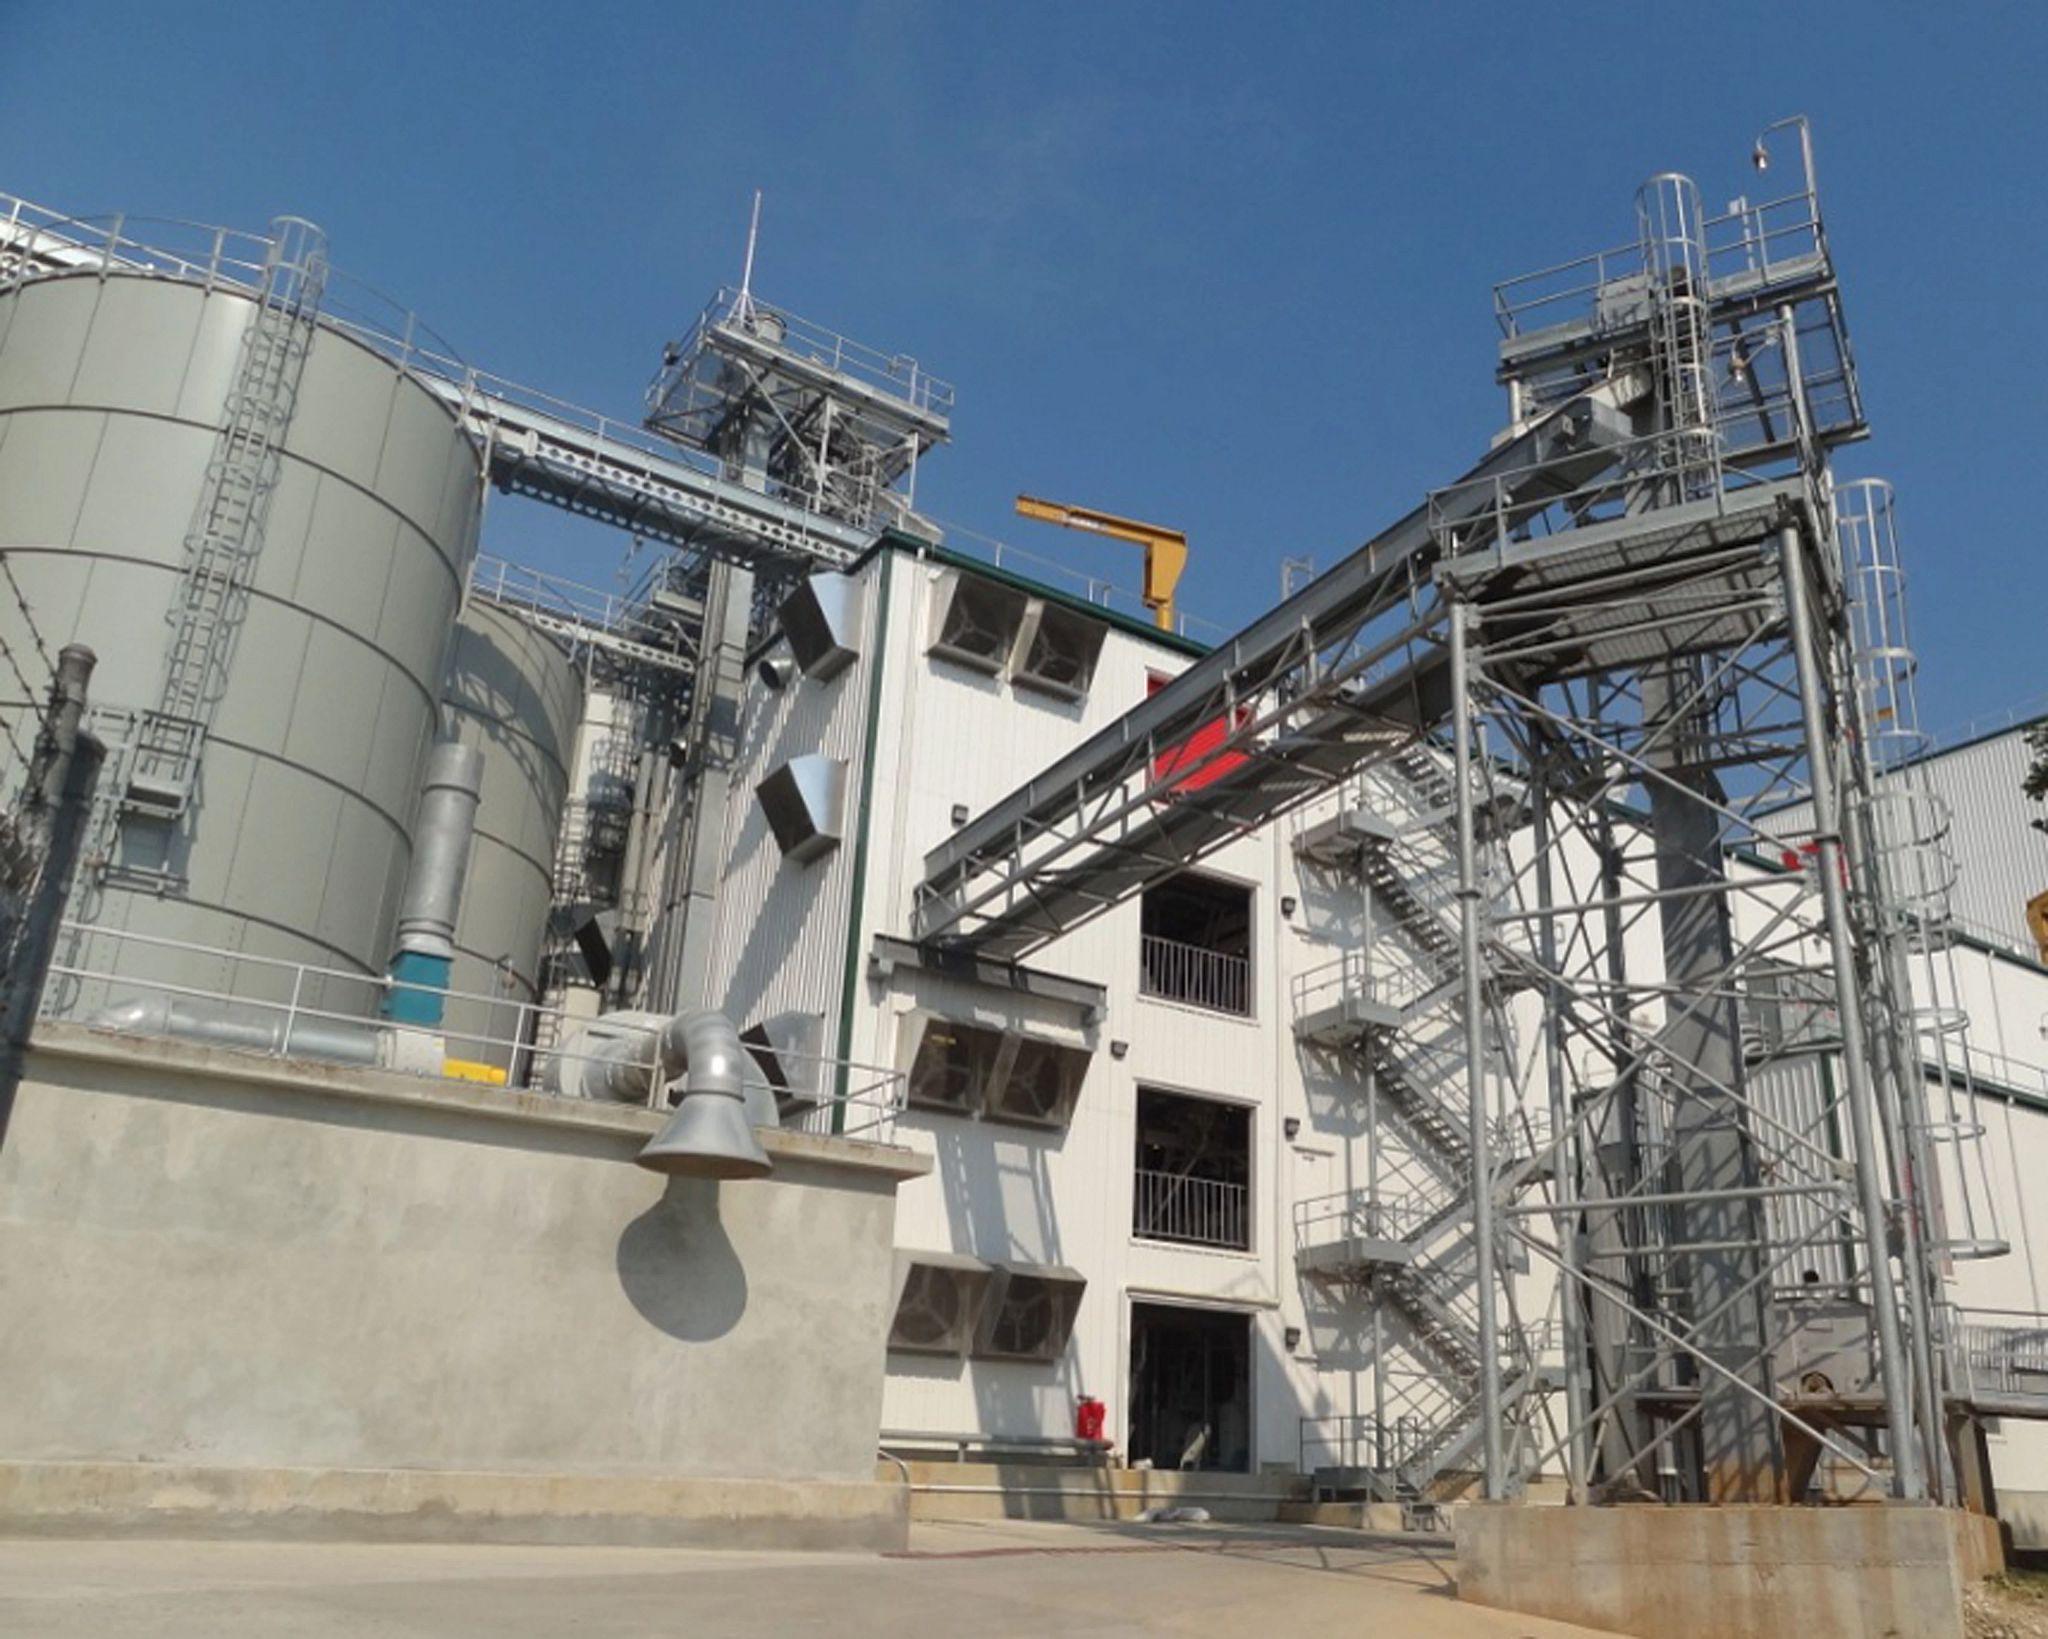 Les Moulins d'Haiti Flour Mill